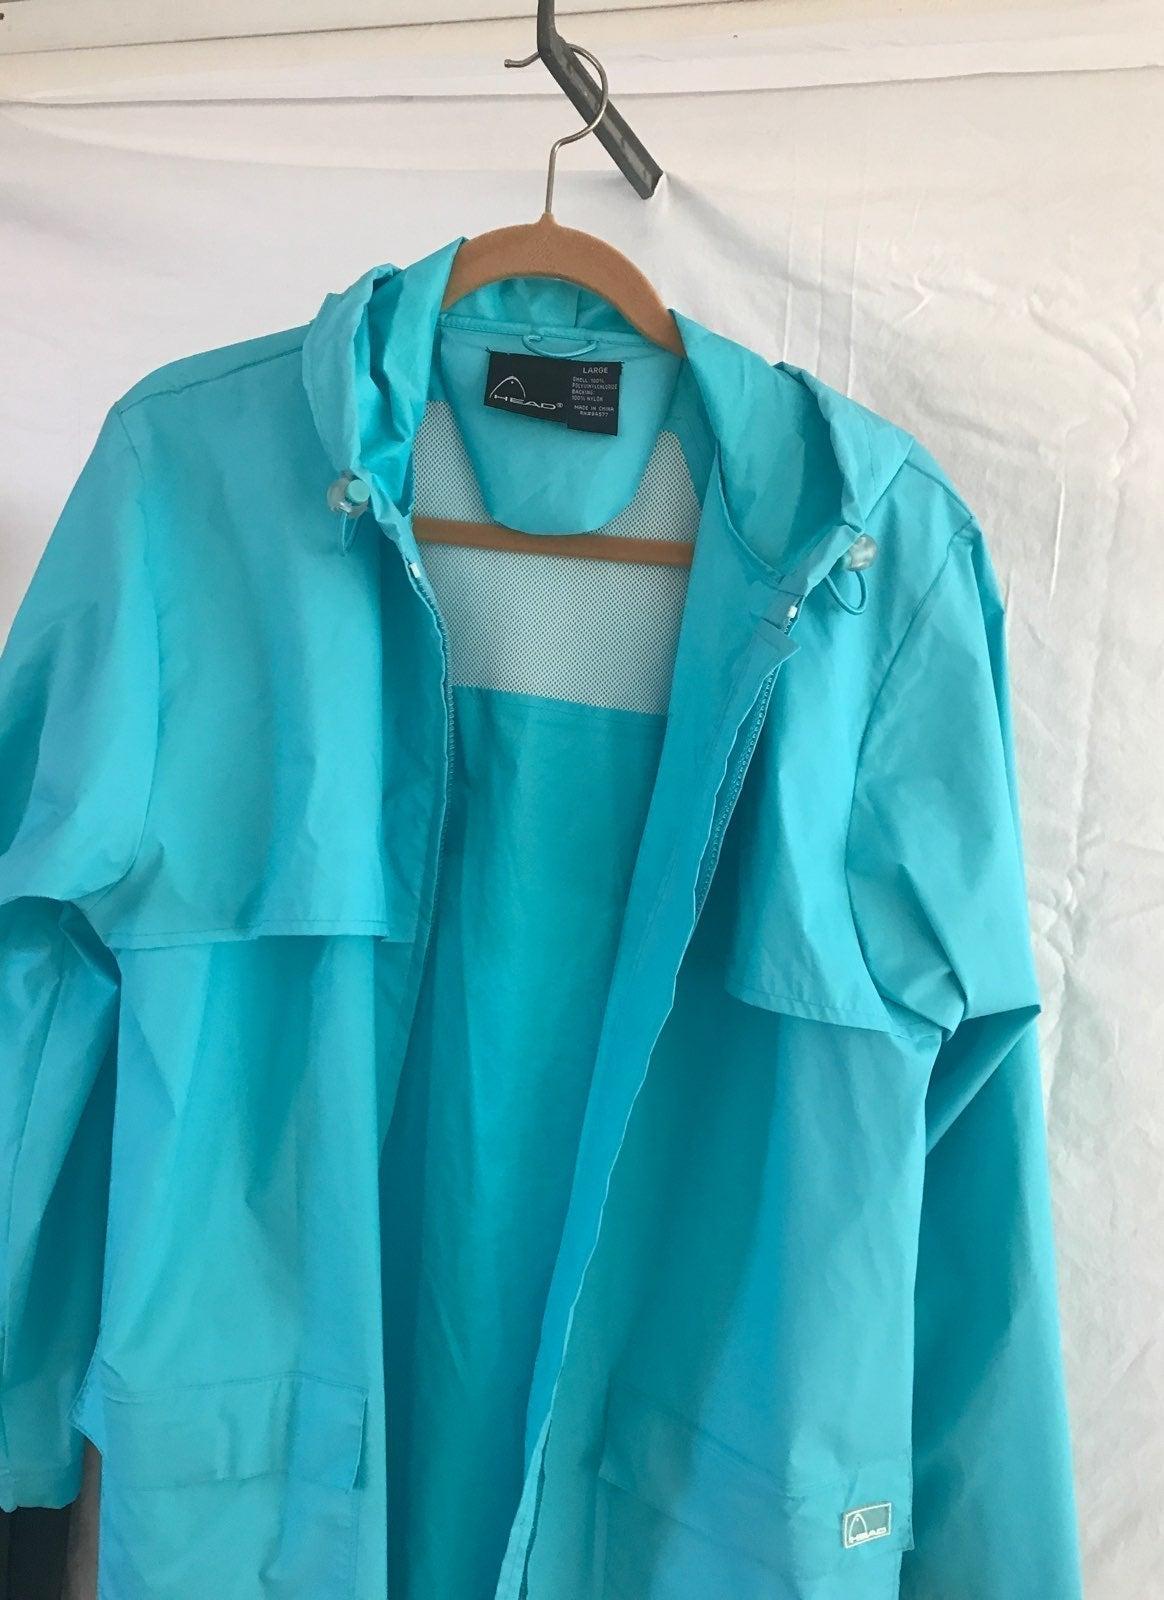 jacket Head Jacket With Hood Sz L Unisex